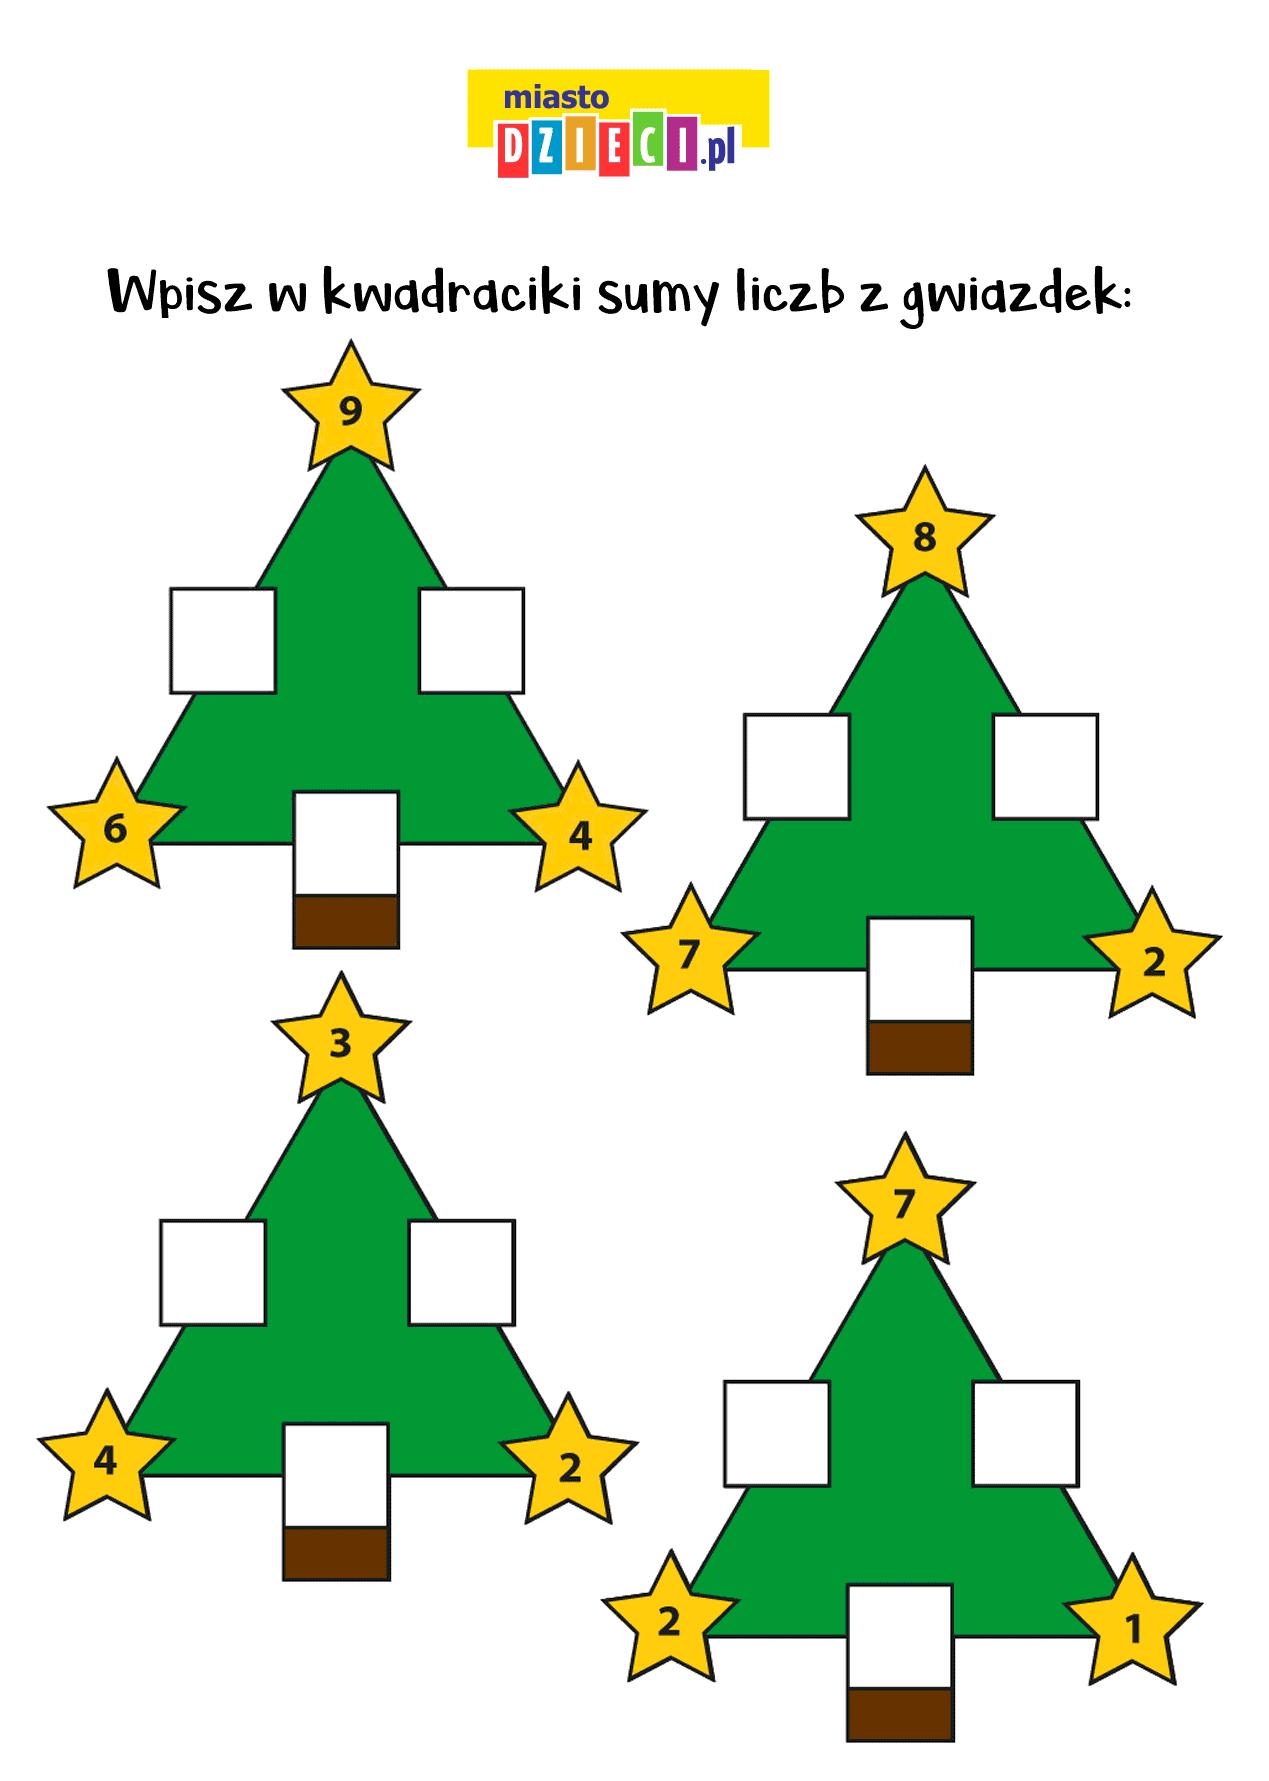 zagadki matematyczne obrazkowe dla dzieci do druku